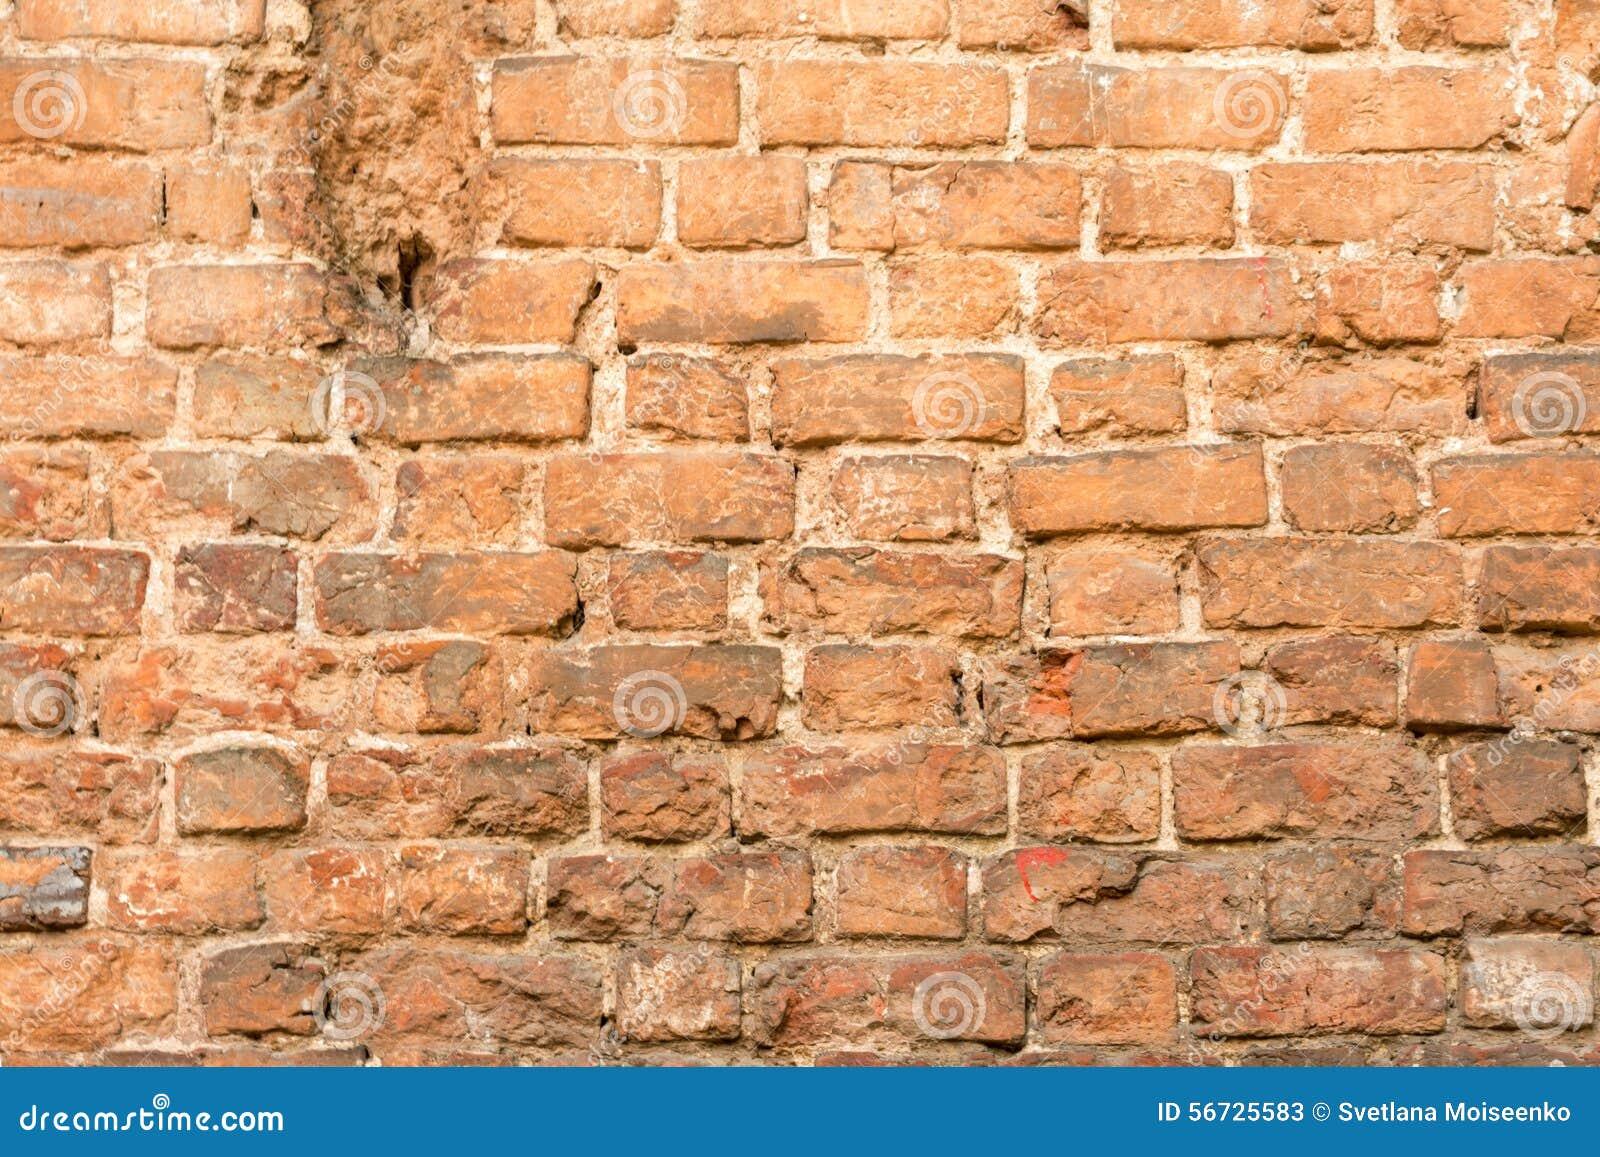 Muro Fatto In Pietra muro di mattoni fatto della pietra rossa immagine stock